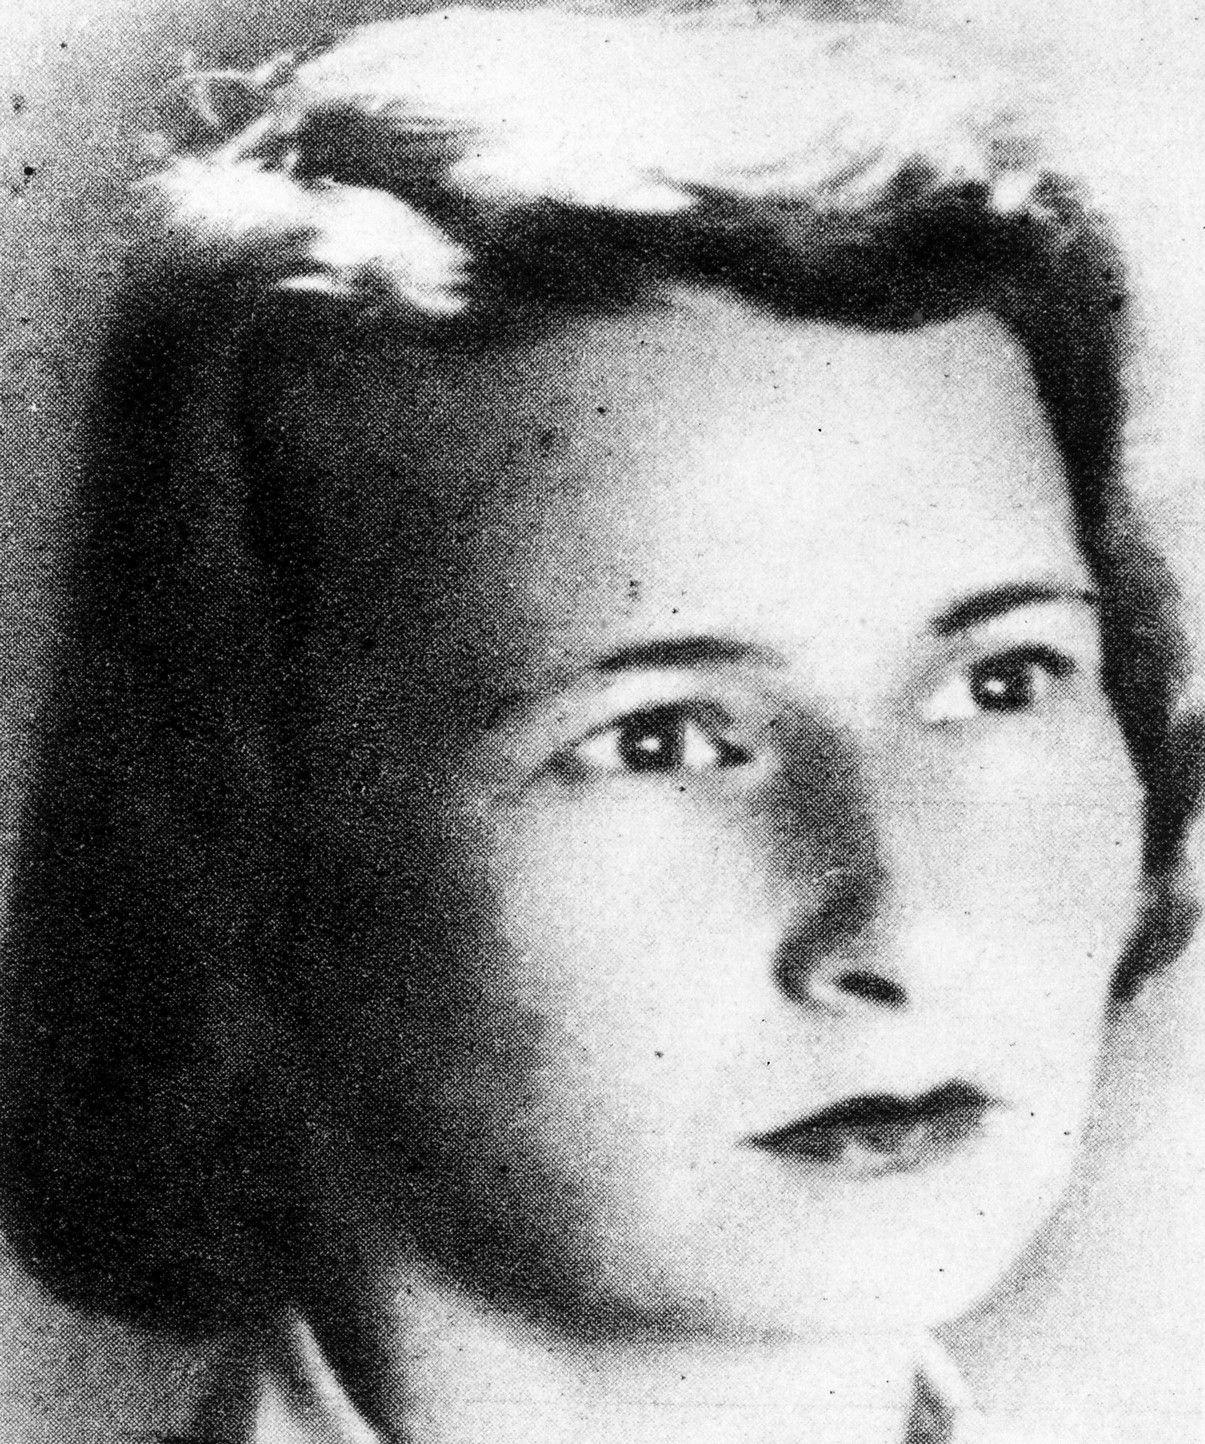 """Irena Bredel ps. """"Alina"""". Zdjęcie i podpis pochodzą z książki """"AK 75""""."""